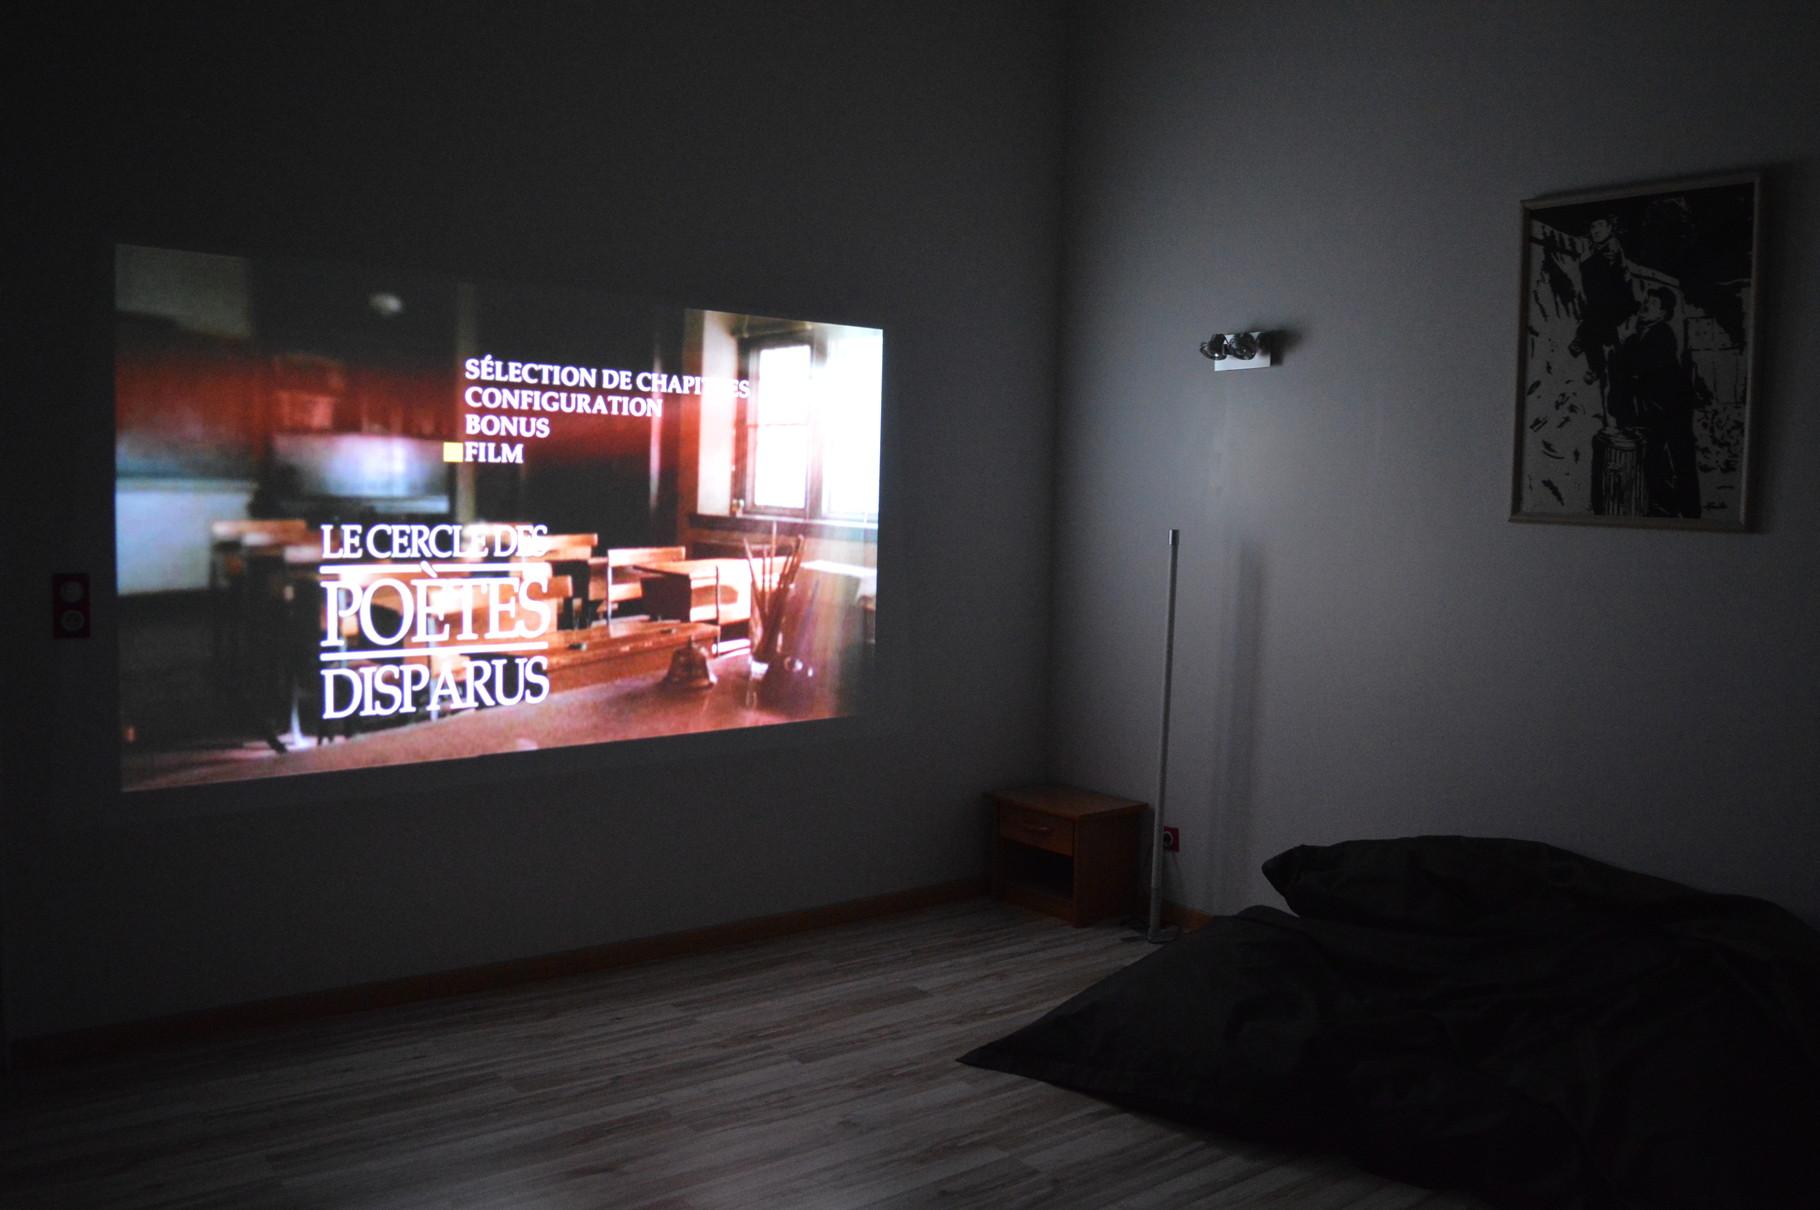 Deuxième étage: espace détente avec video projecteur